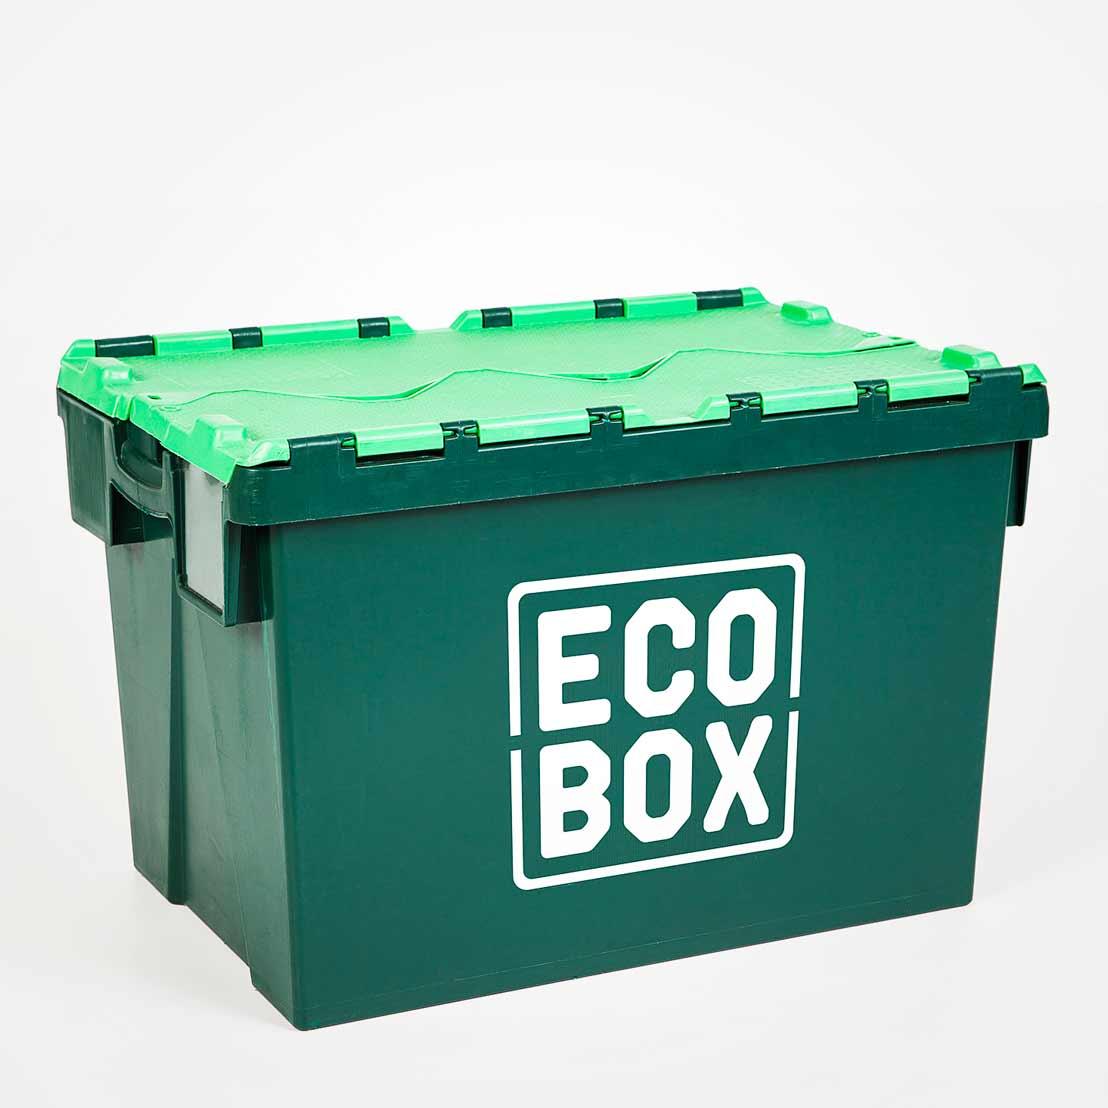 ecobox single